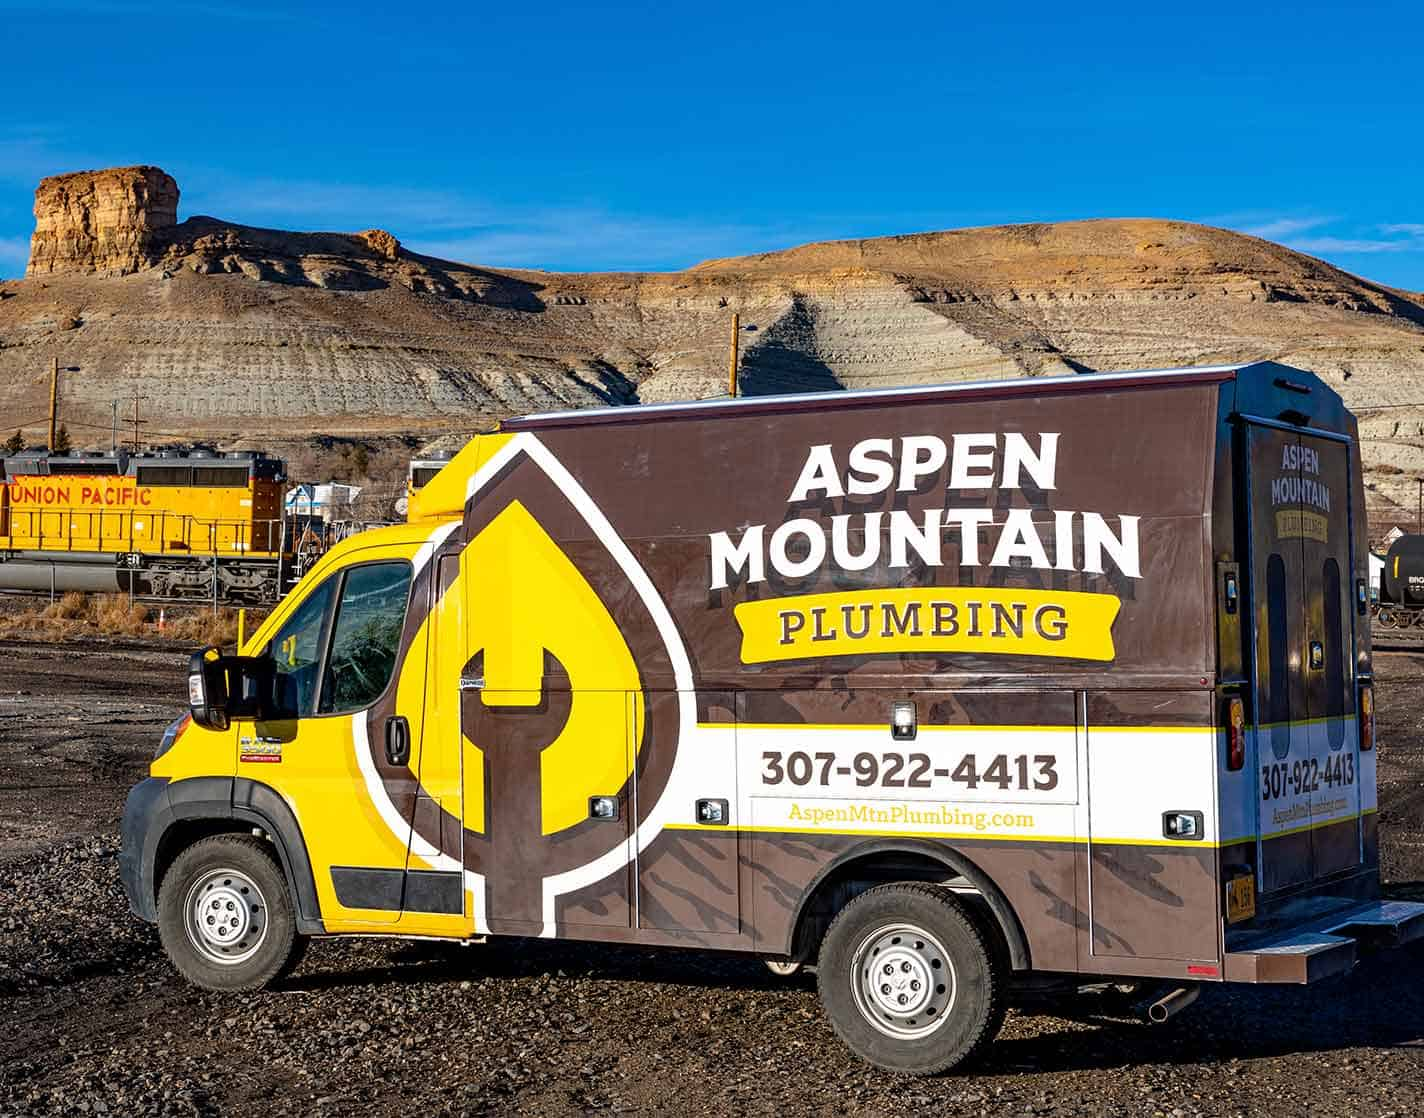 Aspen Mountain Plumbing | Plumbing Green River, WY